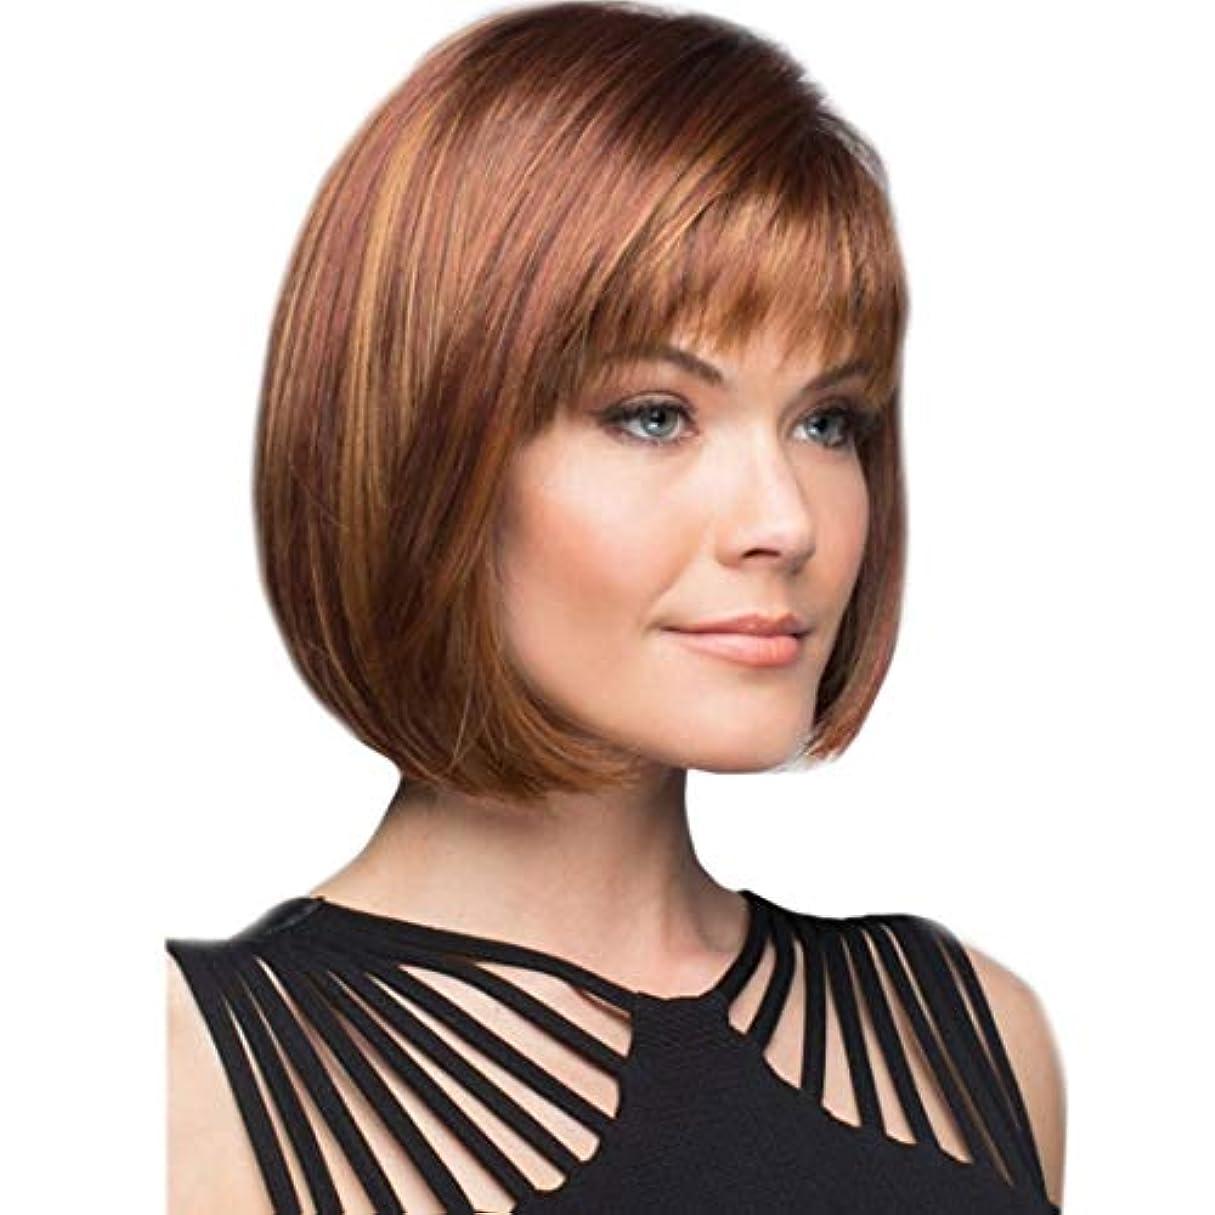 花婿リーク申し立てられたKerwinner ショートボブの髪ウィッグストレート前髪付き合成カラフルなコスプレデイリーパーティーウィッグ本物の髪として自然な女性のための